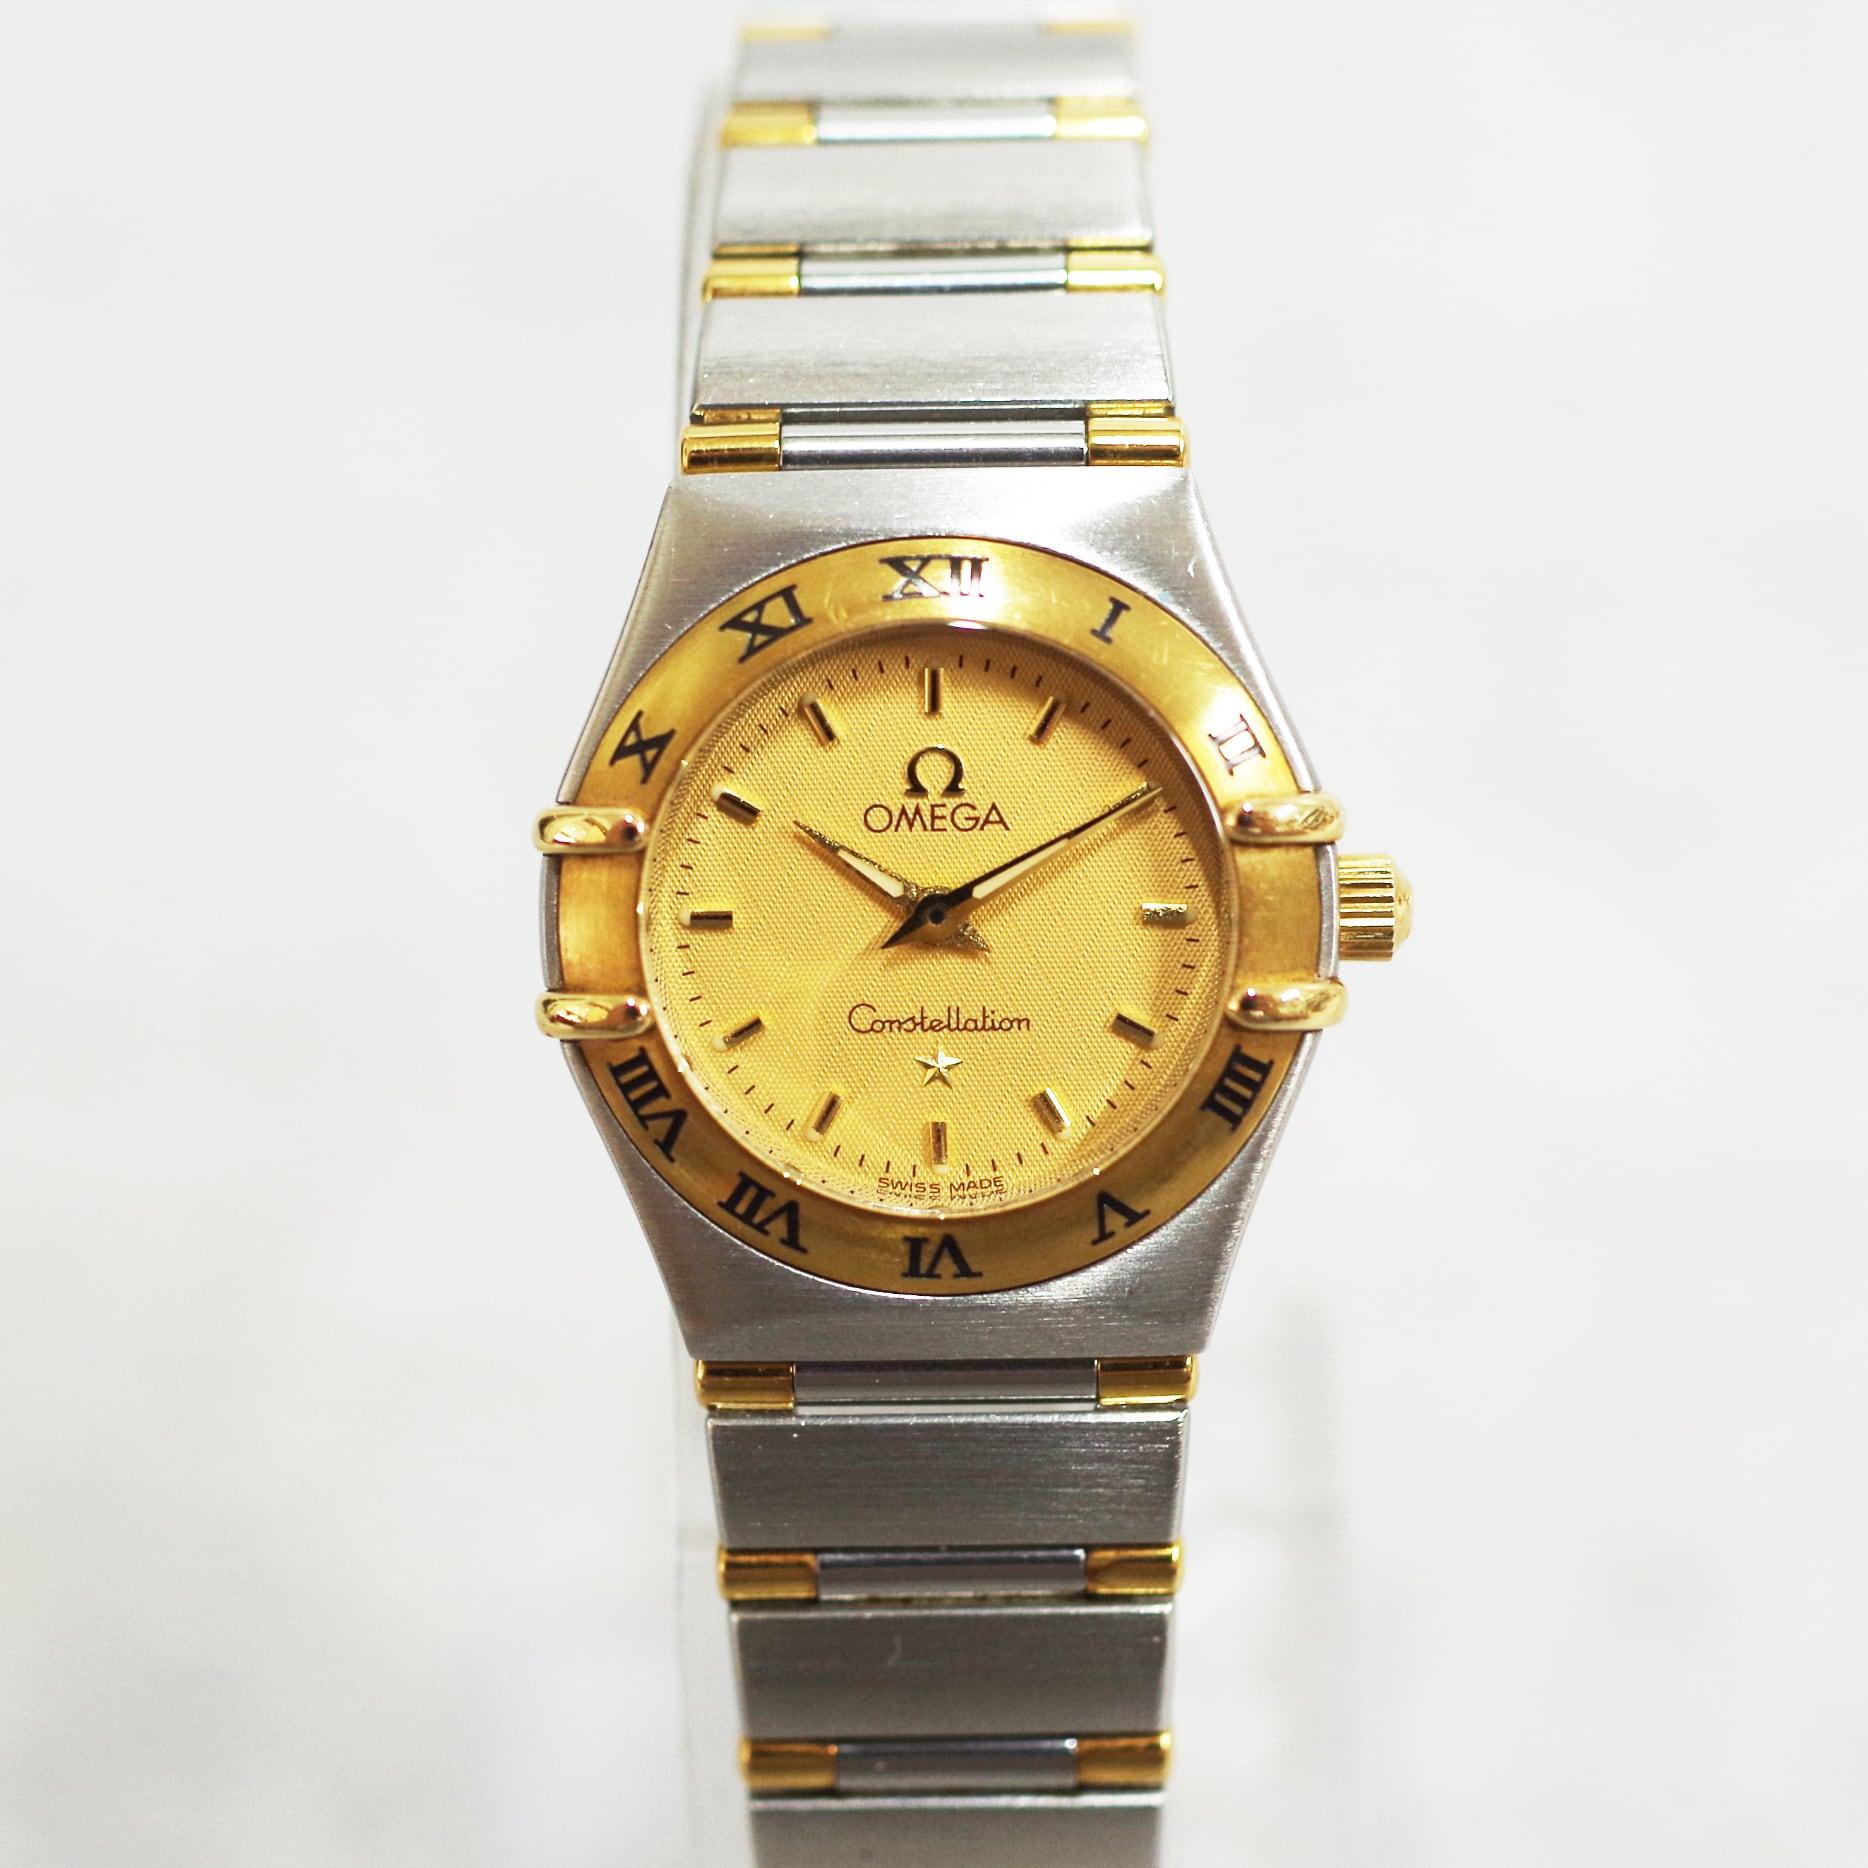 OMEGA オメガ コンステレーション ゴールド文字盤 コンビ SS YG クォーツ 腕時計 レディース